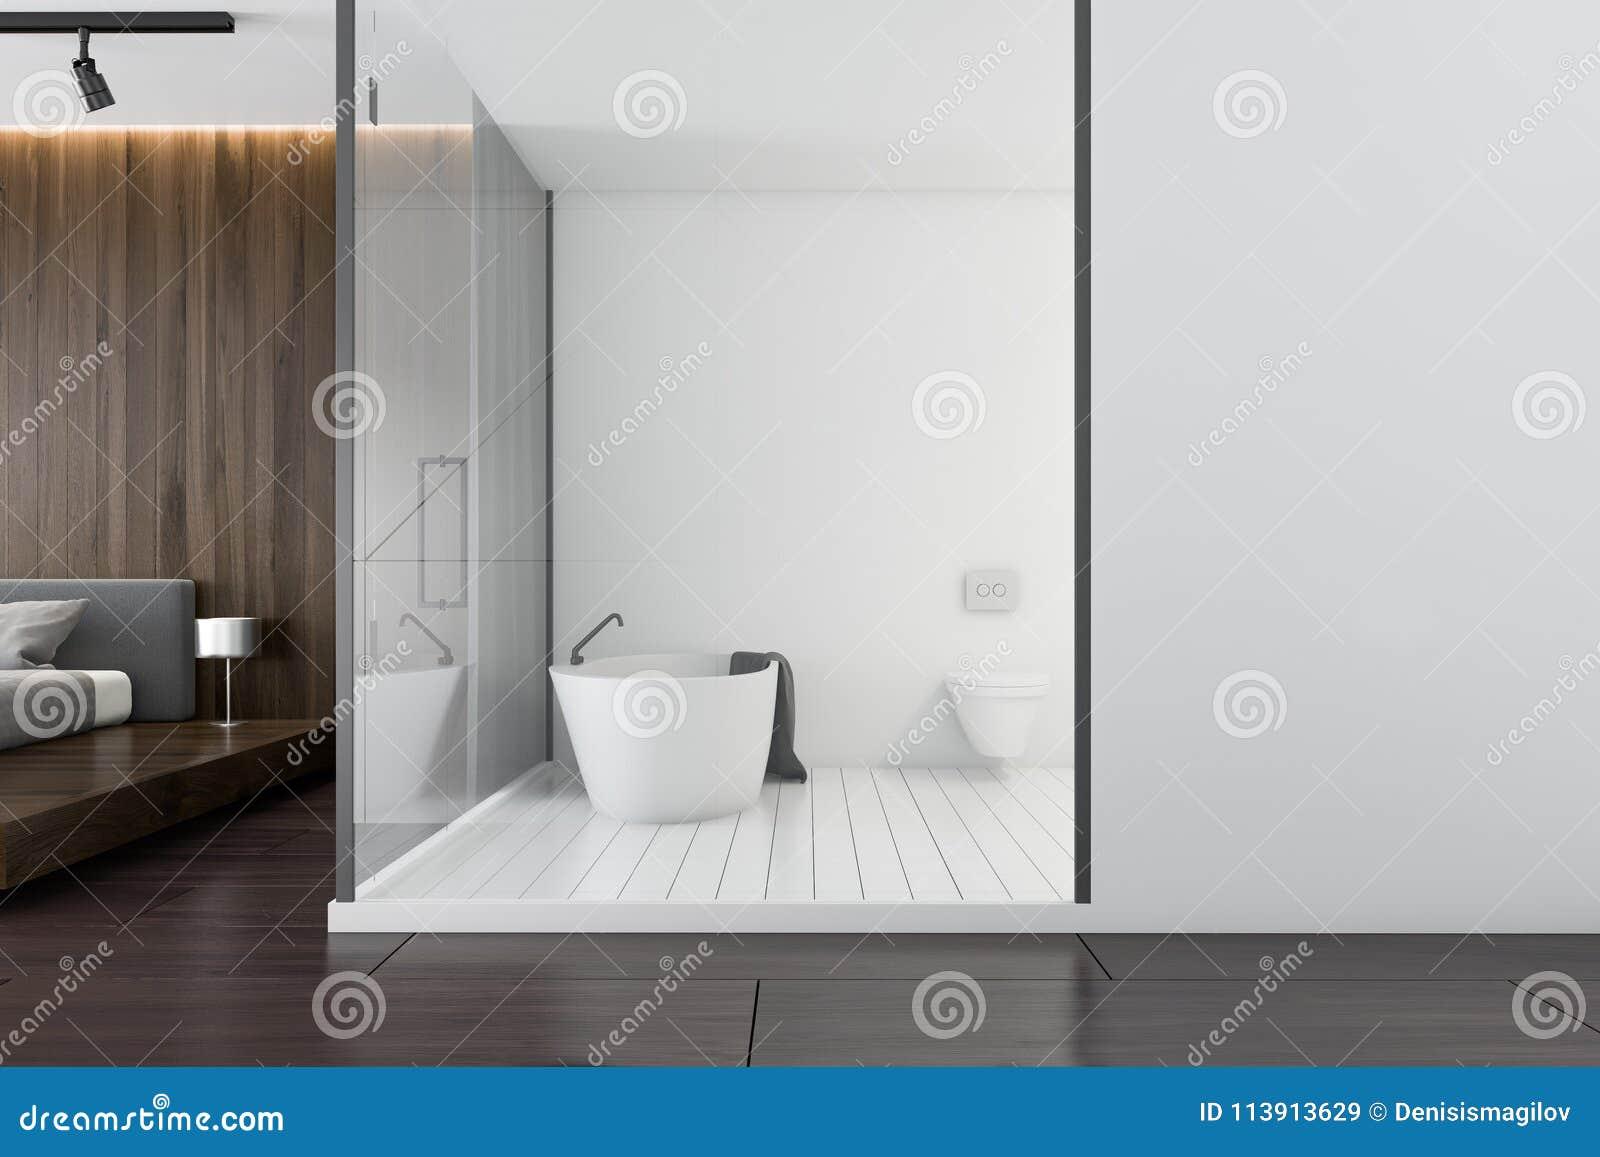 Bagno Legno Bianco : Bagno di lusso di legno bianco e scuro vista laterale